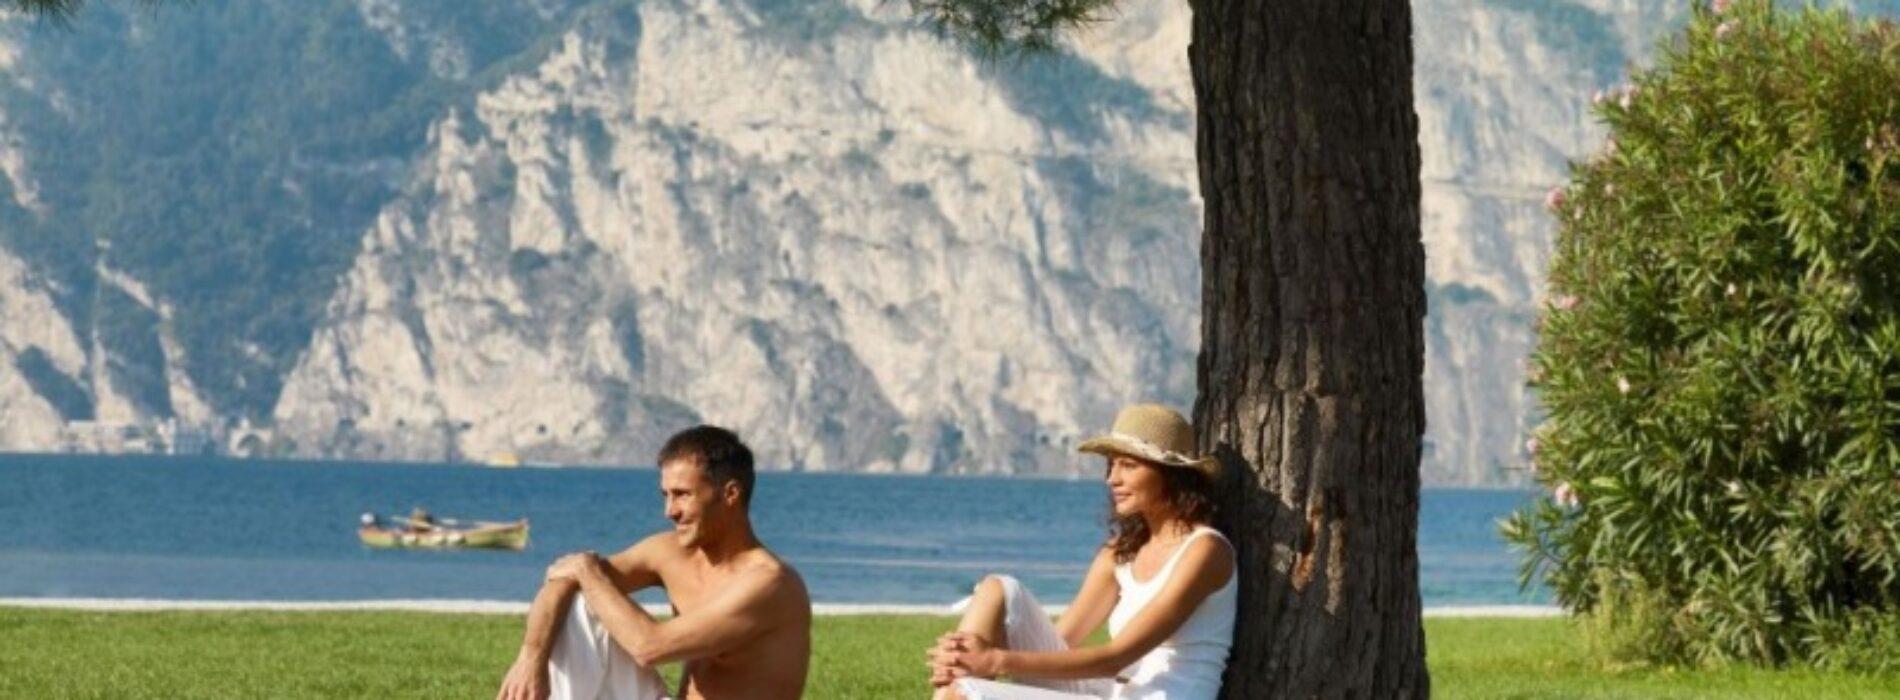 Kempingi nad jeziorem – pozwól naturze stać się Twym domem